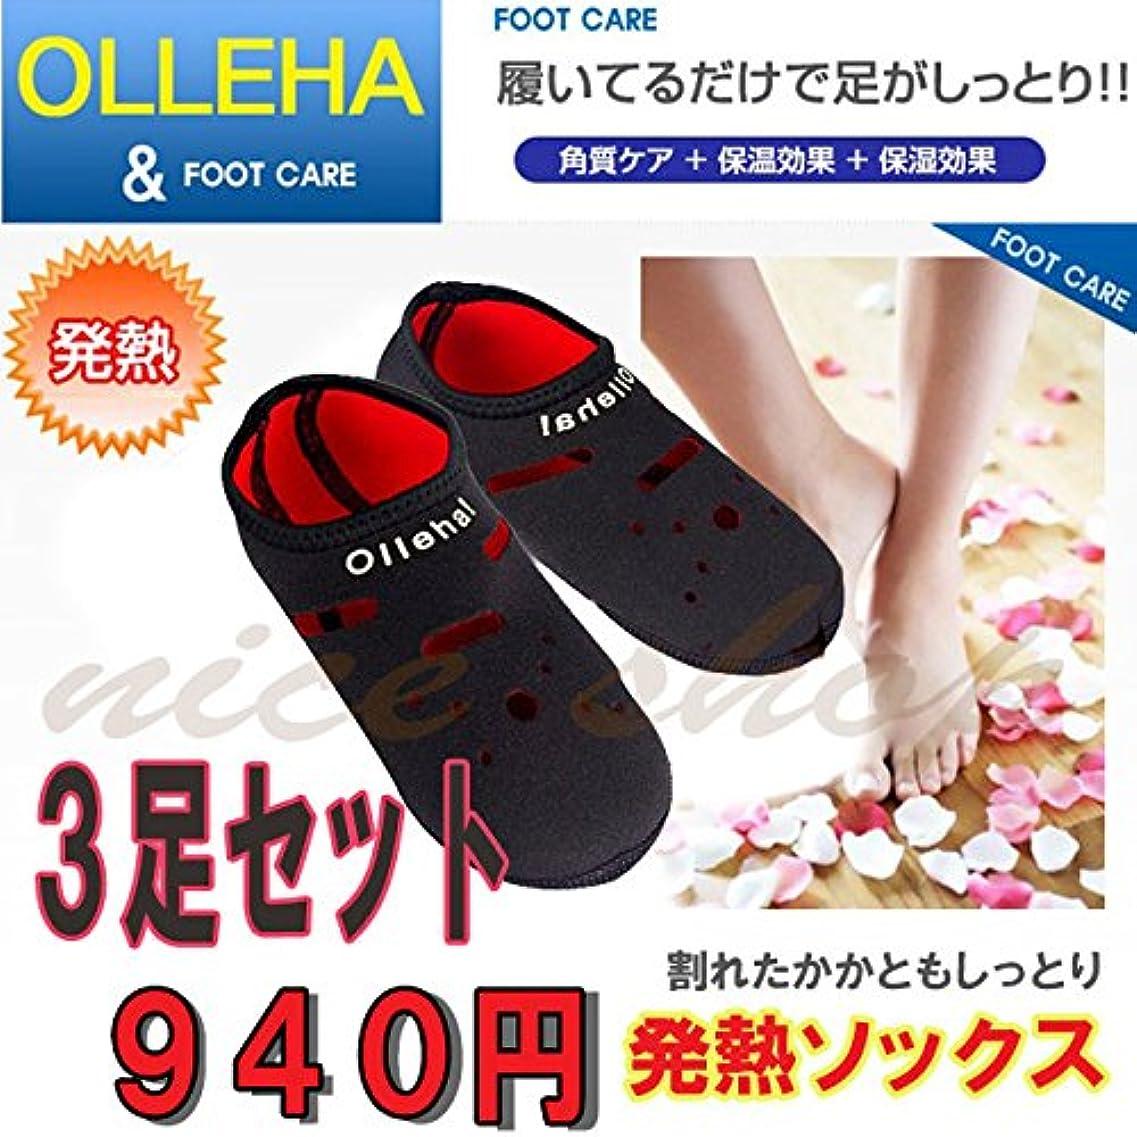 キャッチ恋人ウッズ発熱靴下(足袋)発熱ソックス3足セット、フットケアー Olleha! (M(23.0~24.5))